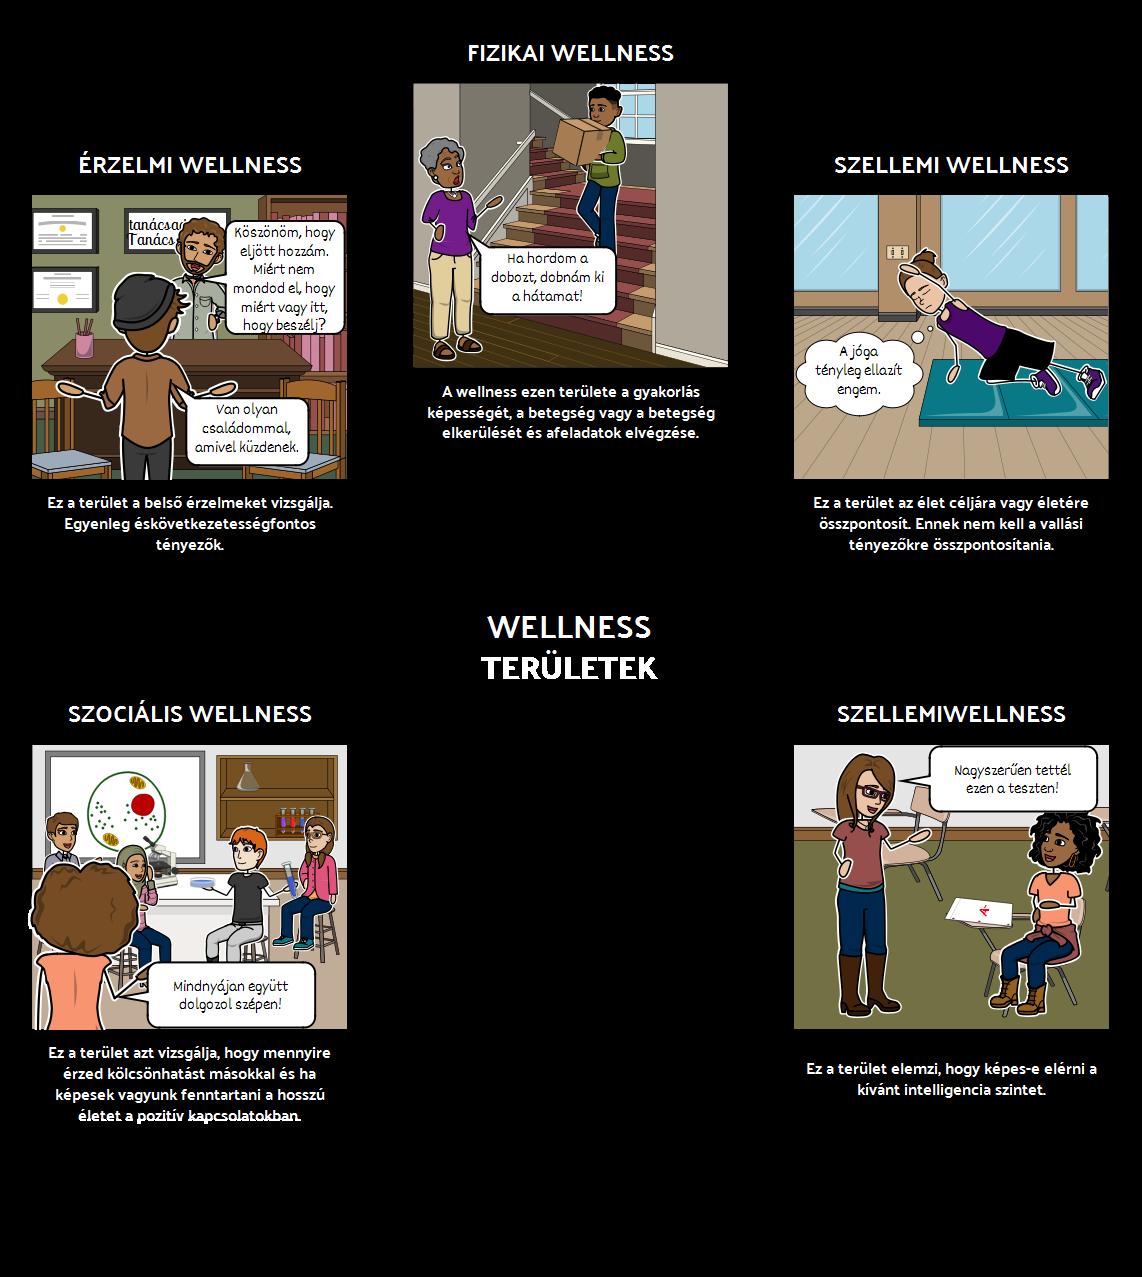 Wellness Területek